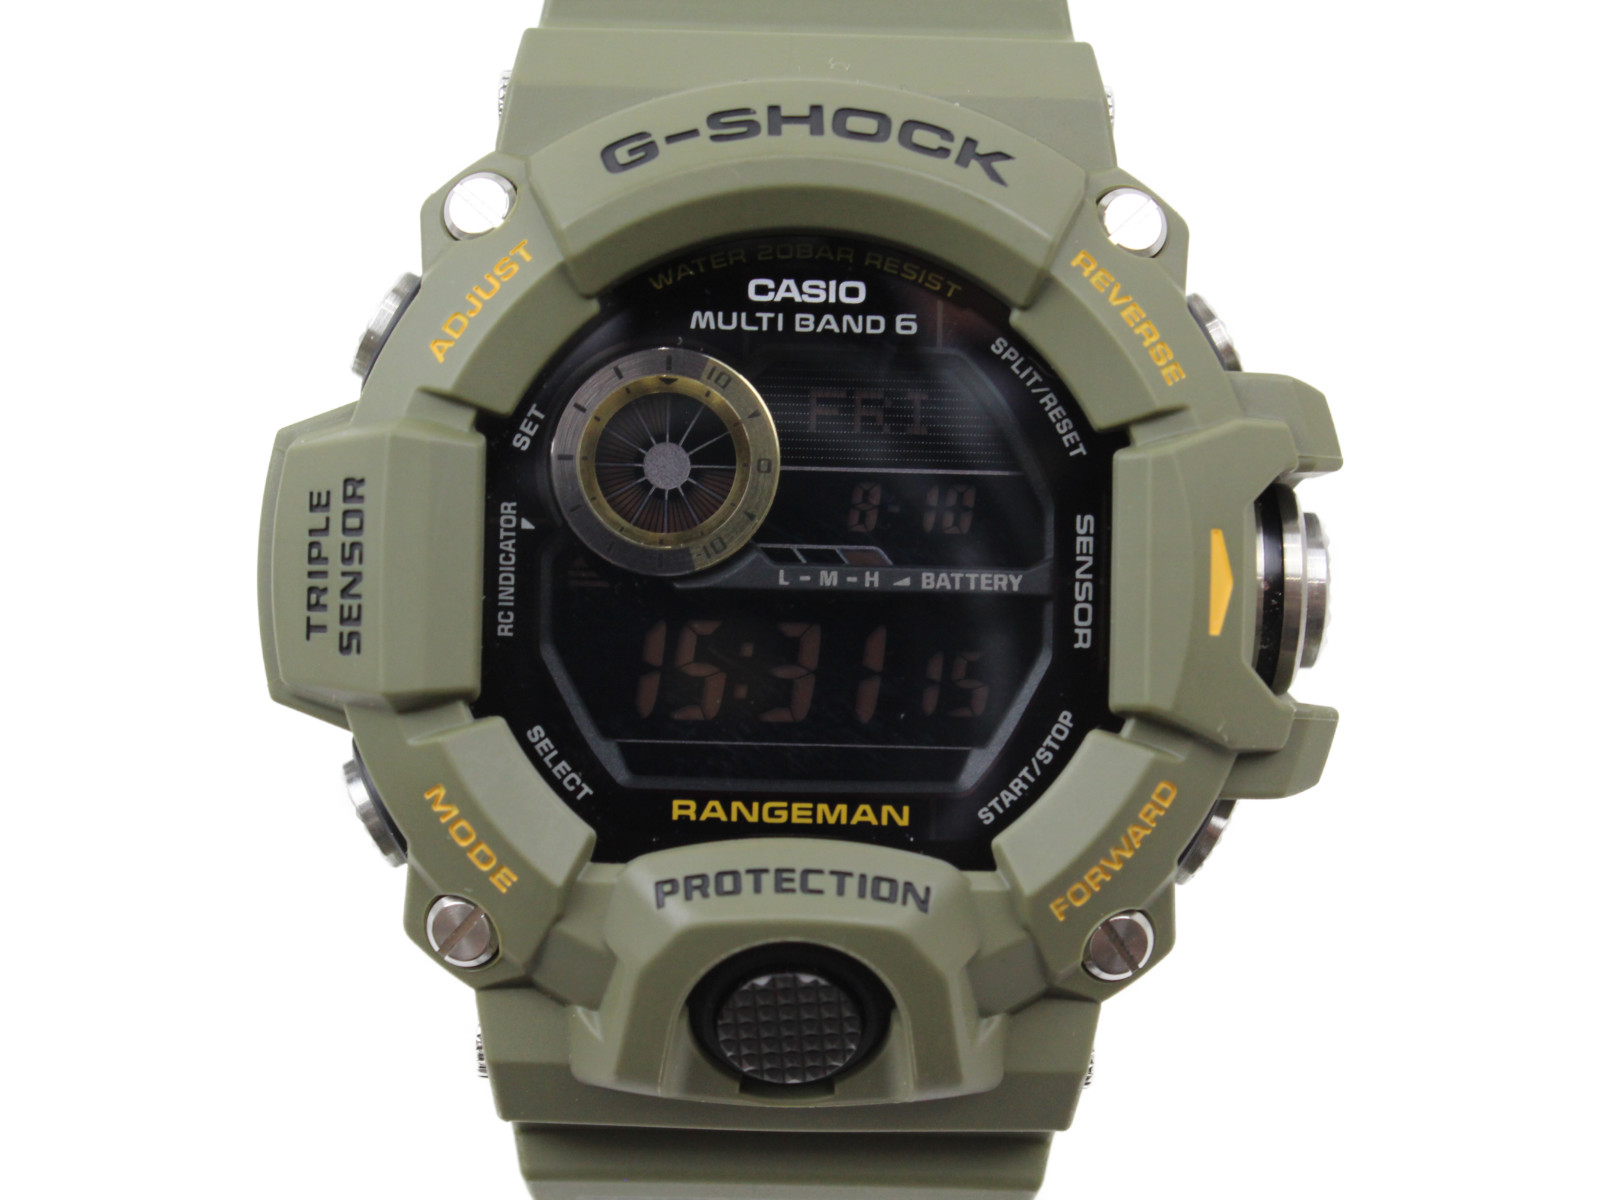 【レンジマン】CASIO G-SHOCK レンジマン GW-9400J-3JF デジタル ラバー カーキ メンズ 腕時計 ギフト プレゼント 包装無料【中古】